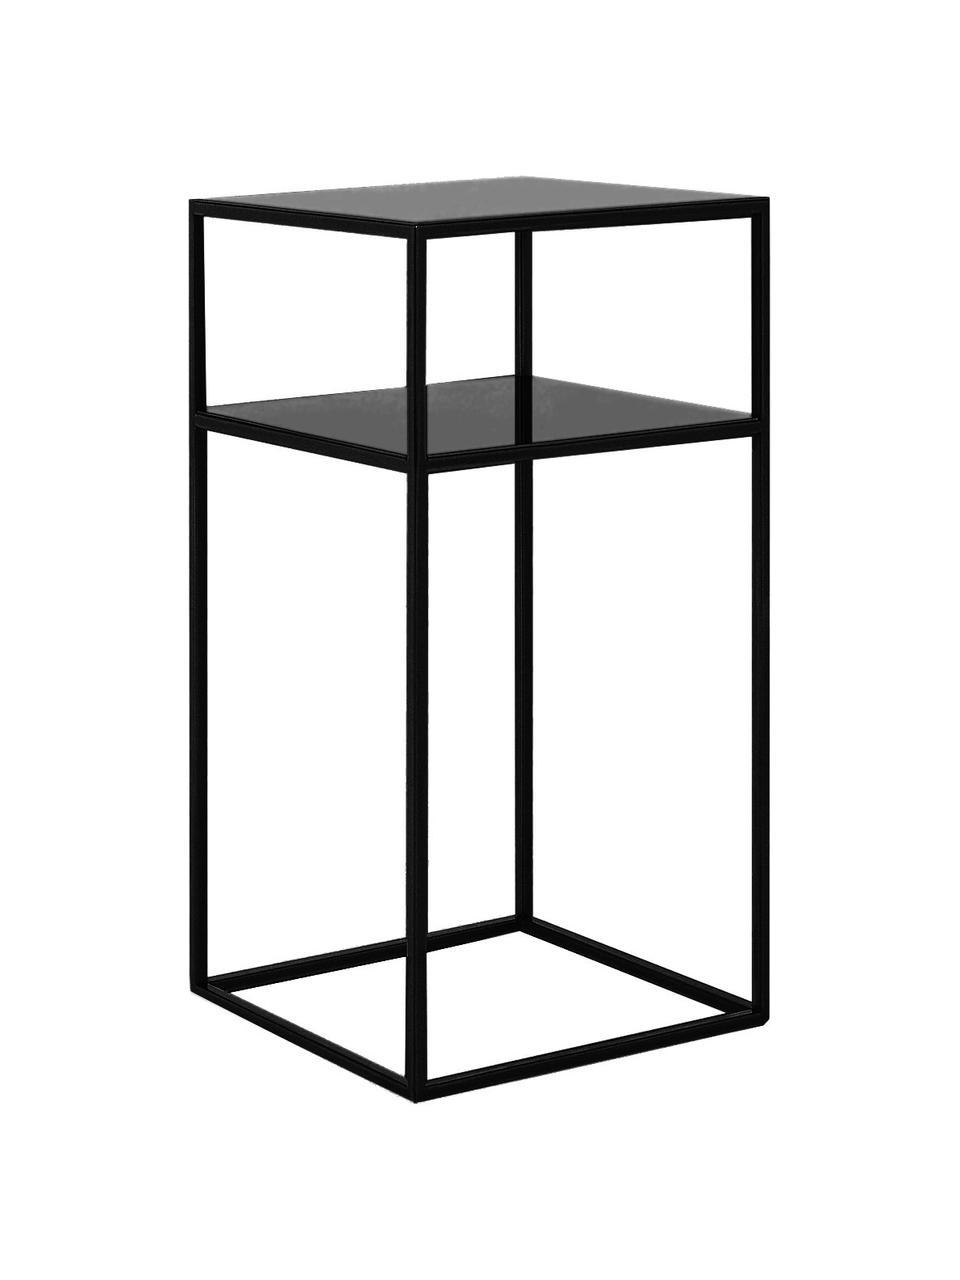 Table d'appoint en métal, noire Tensio, Noir